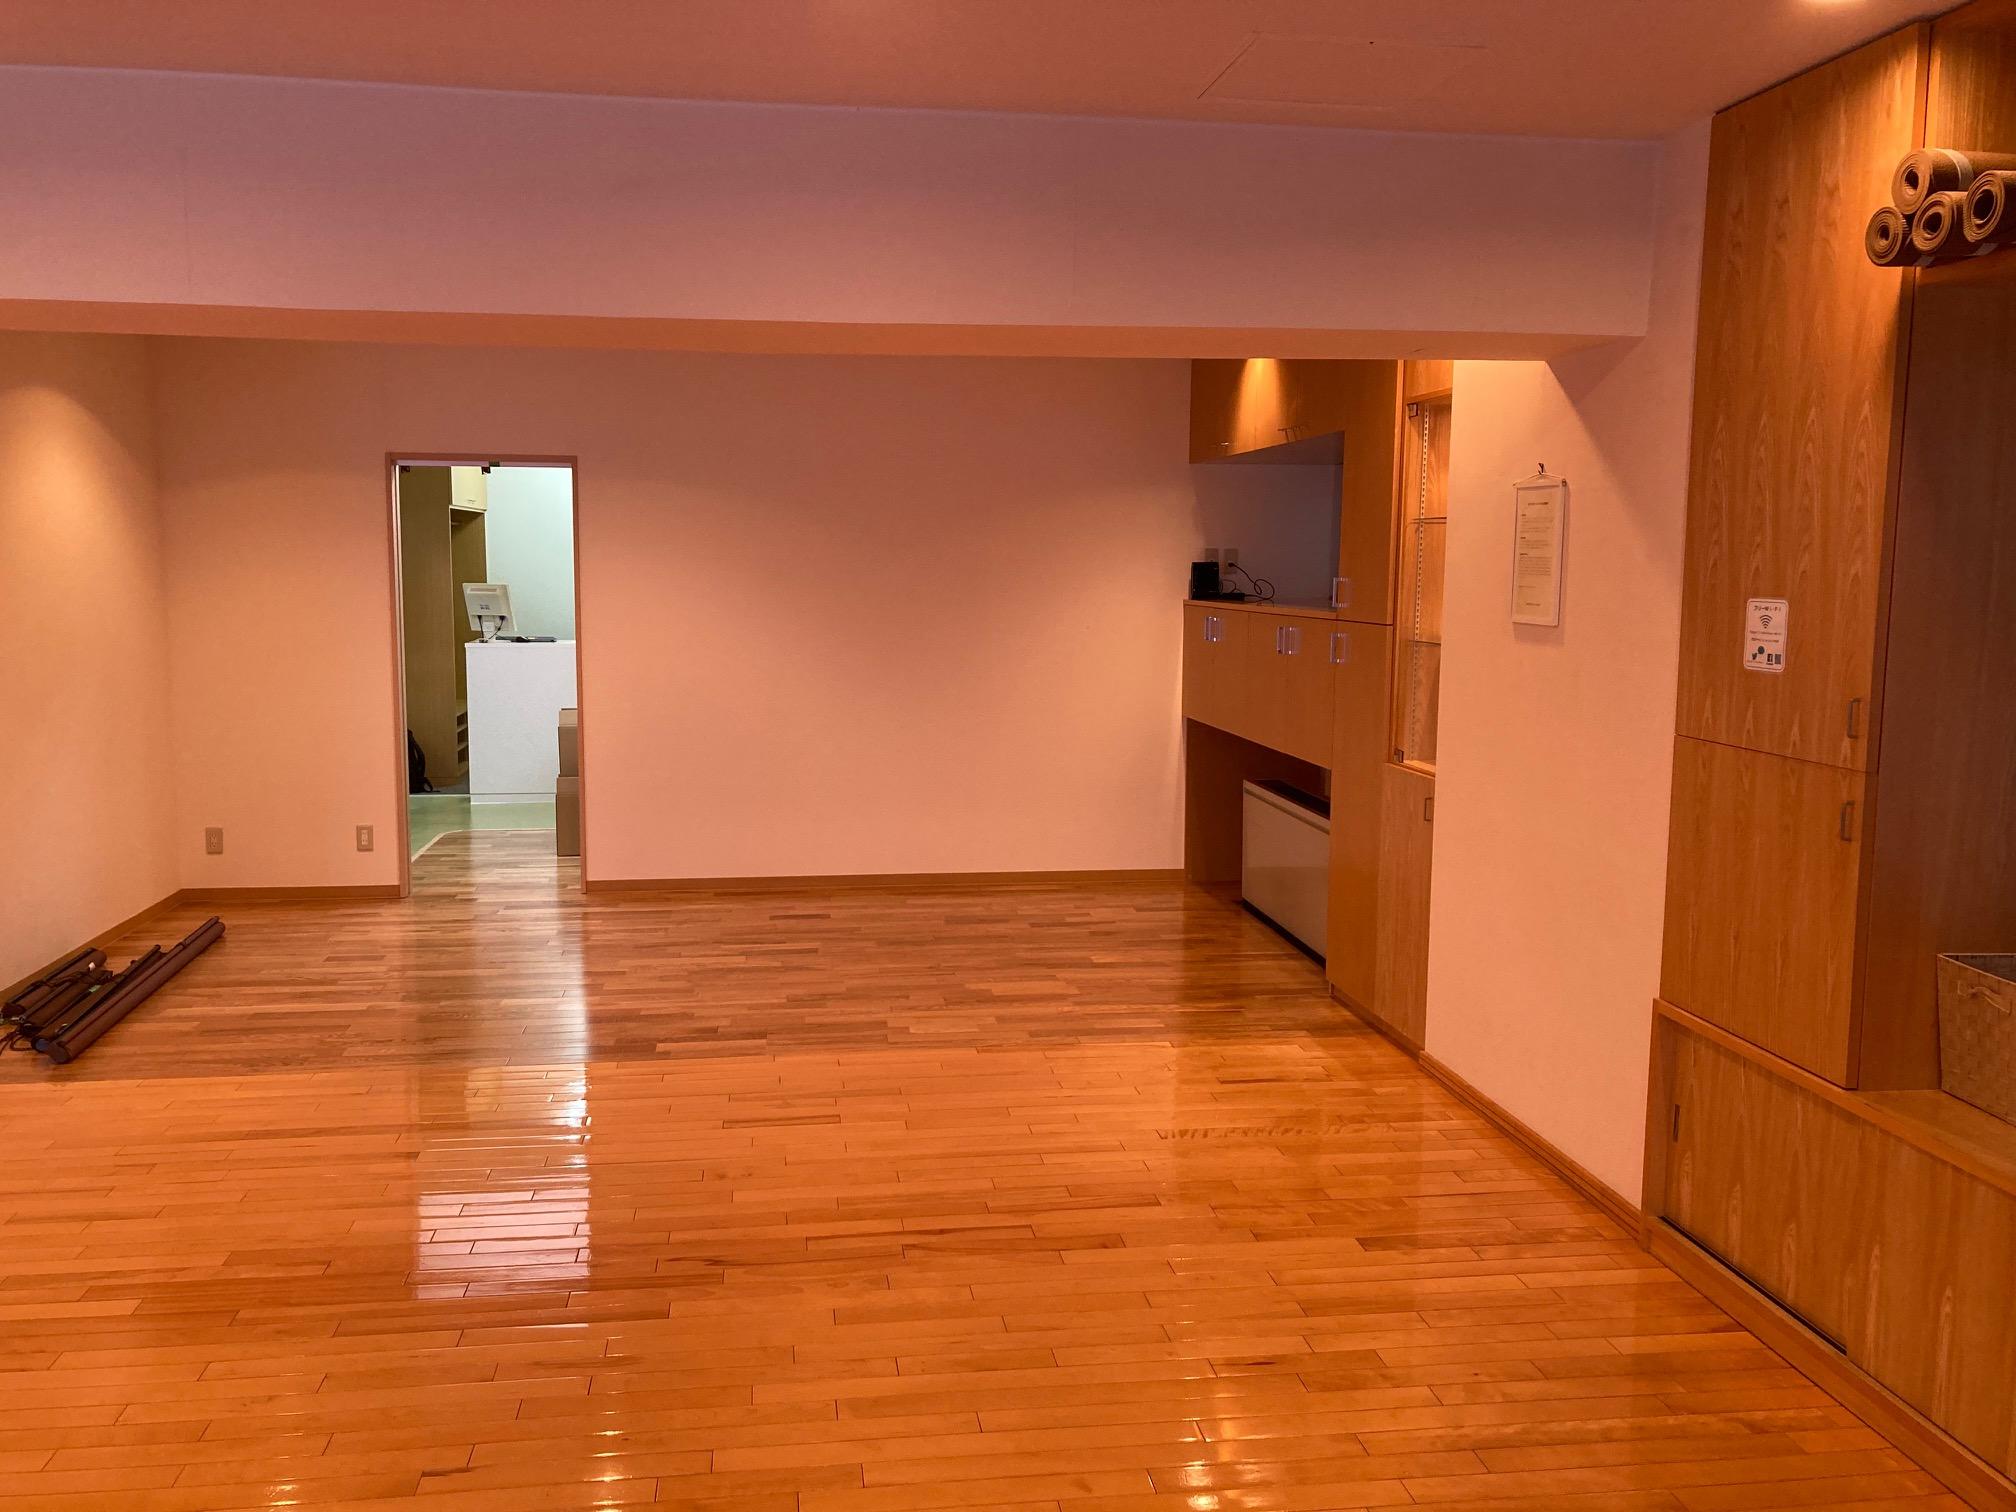 3階スタジオの広くなった部分。僕の技術とカメラ(iPhoneSE)ではなかなかお伝え出来ません